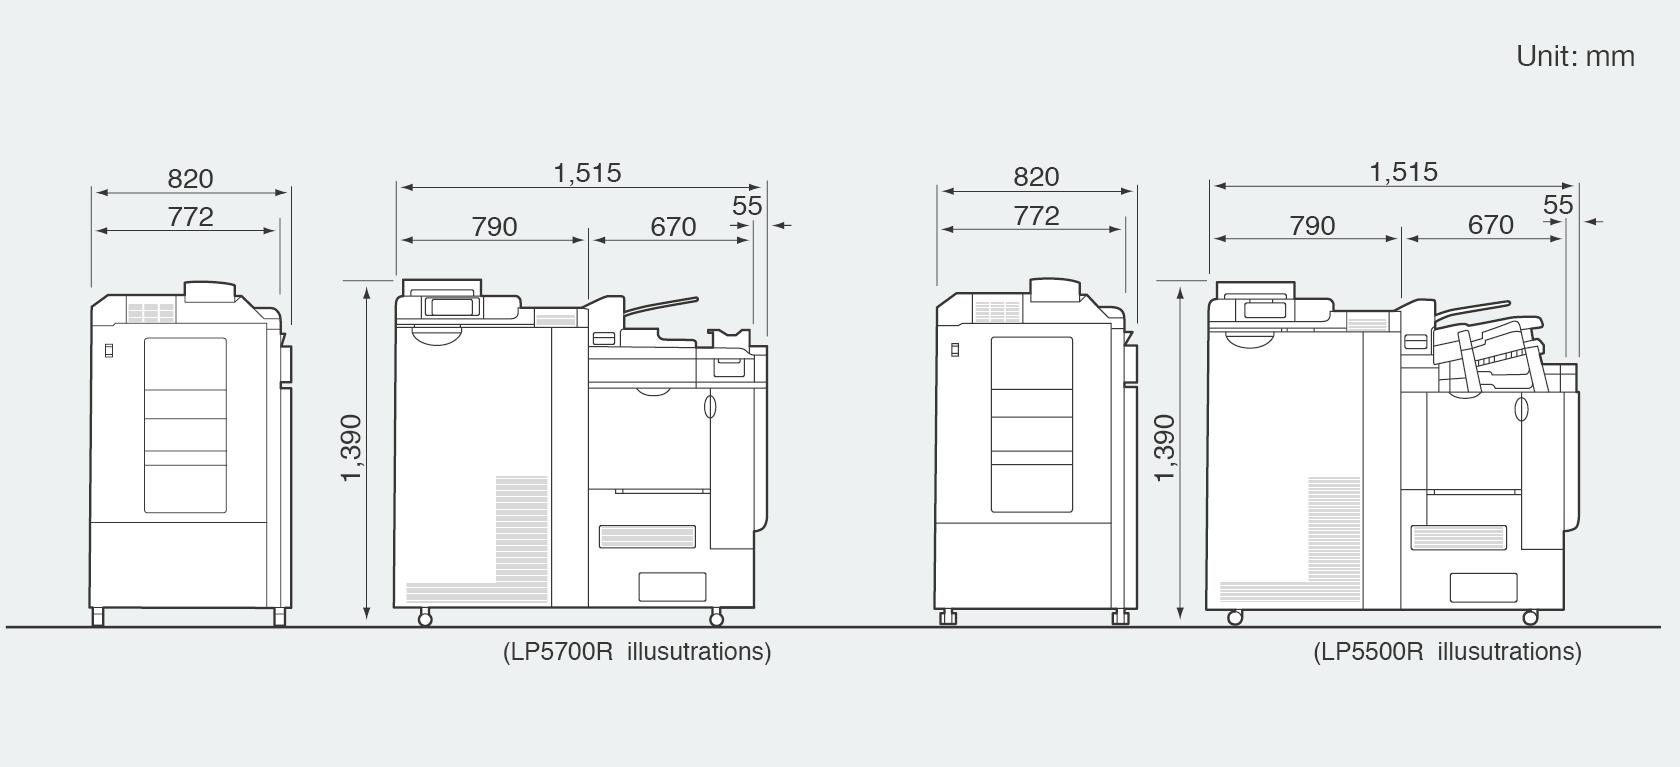 [imagen] Dimensiones del minilab digital Frontier LP5700R/LP5500R